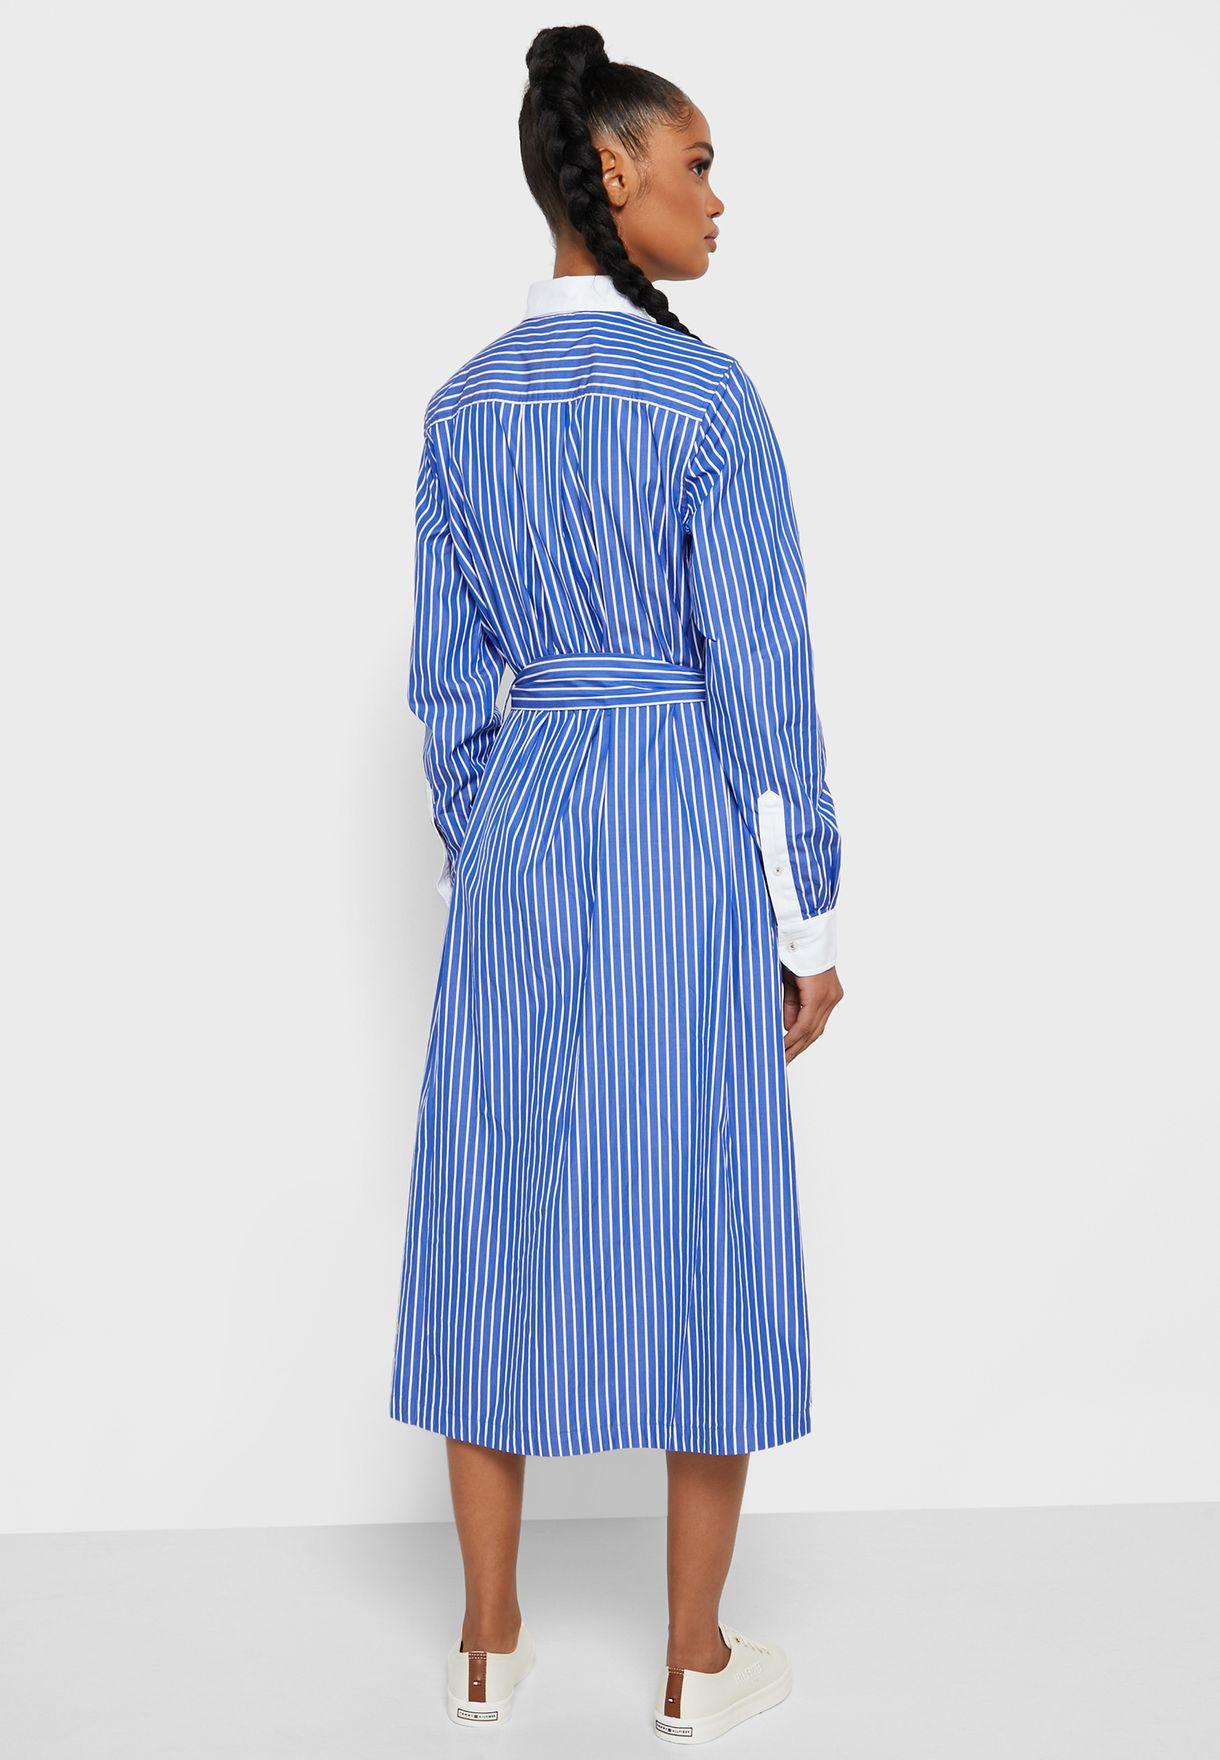 Contrast Trim Striped Shirt Dress